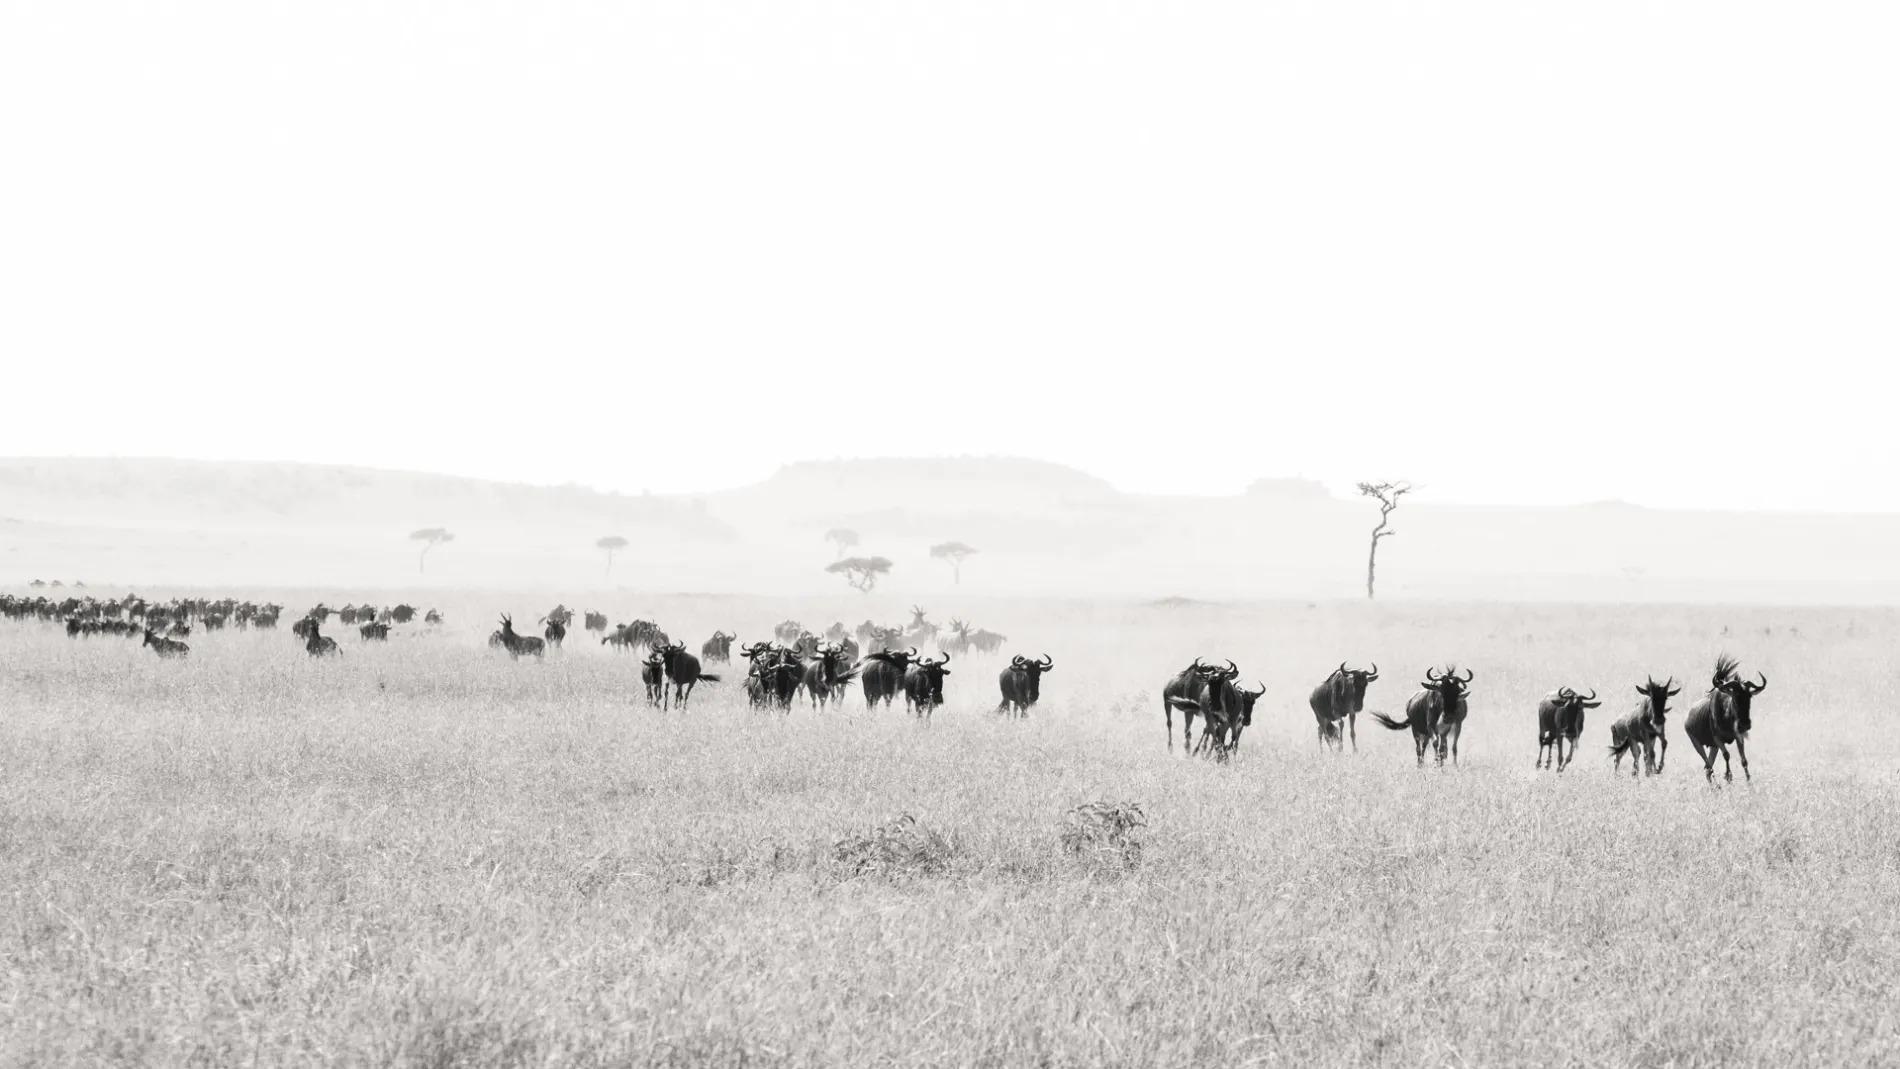 Wildebeest running BW